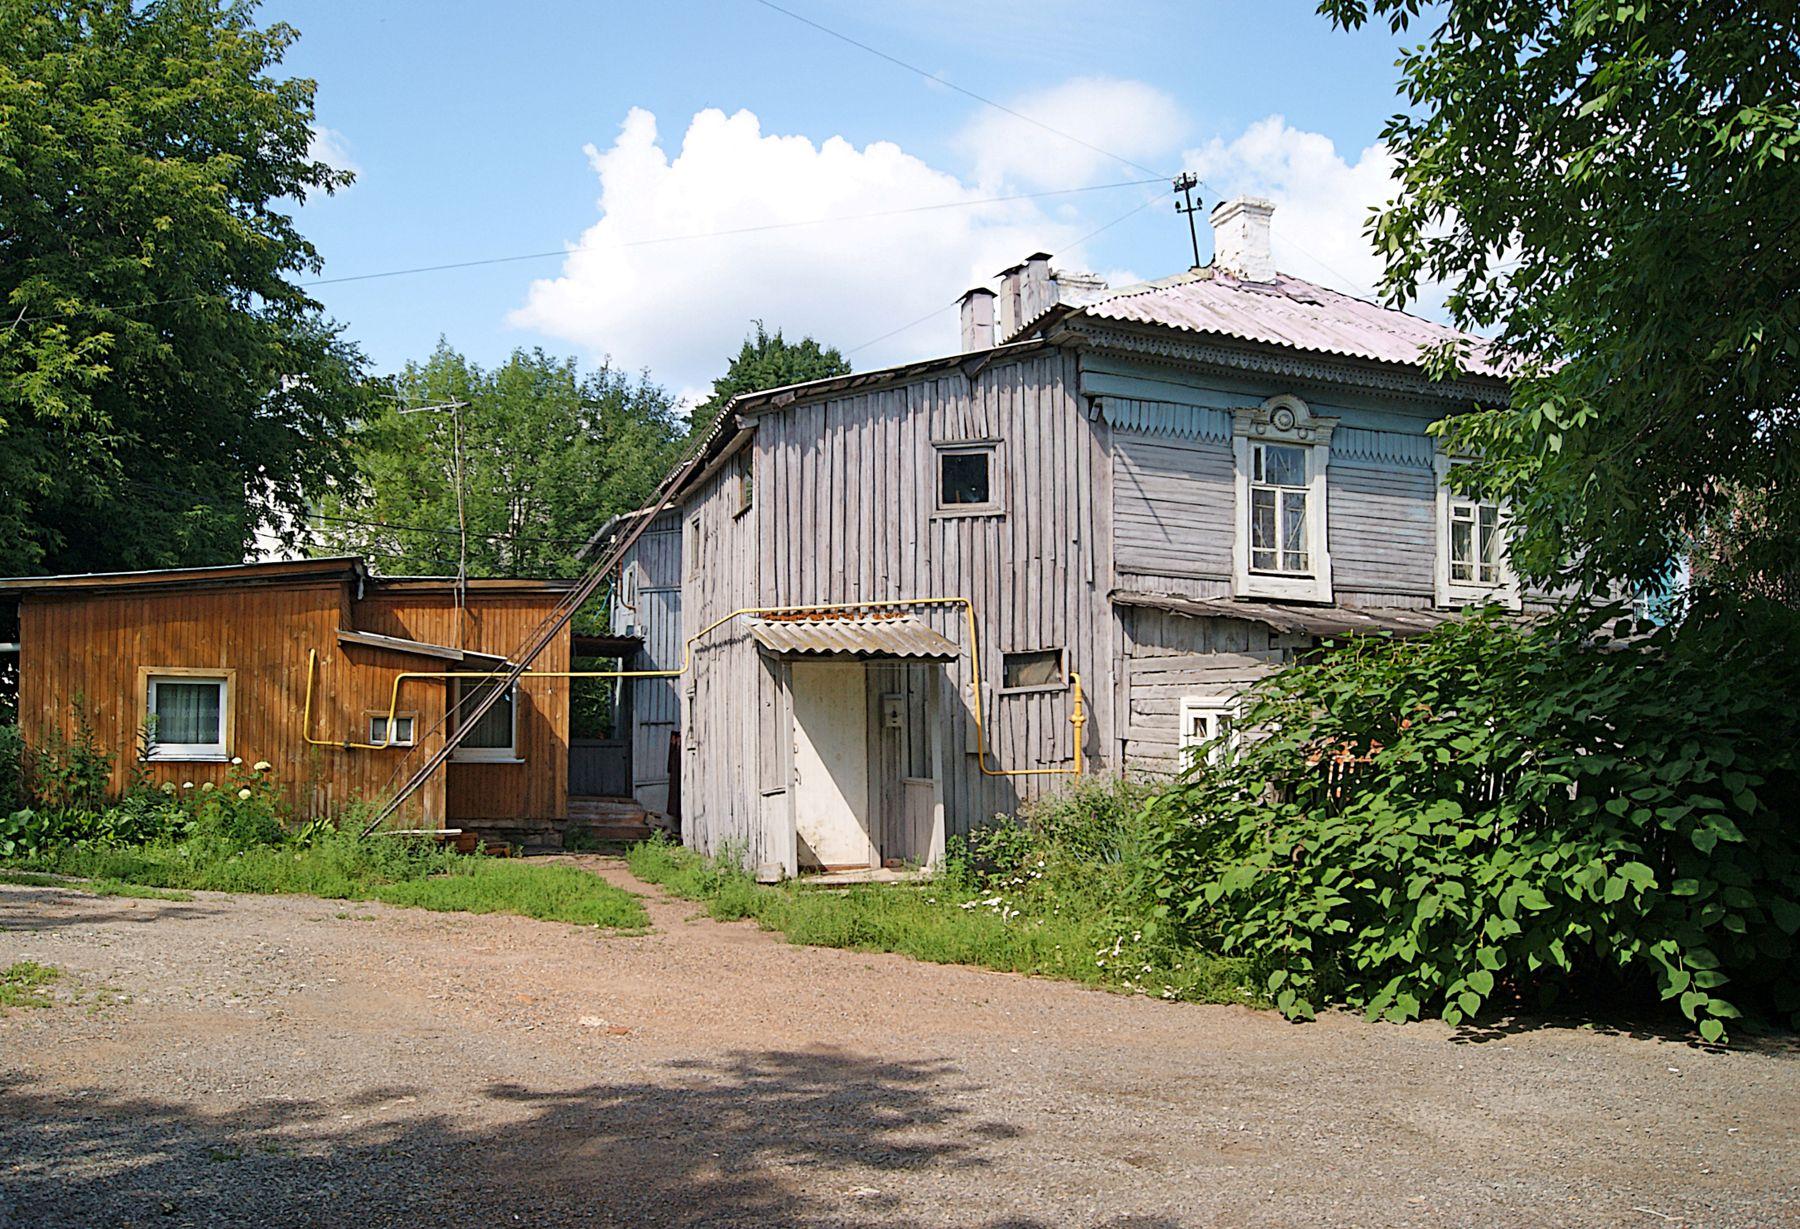 ул. Гоголя лето город улица старый дом